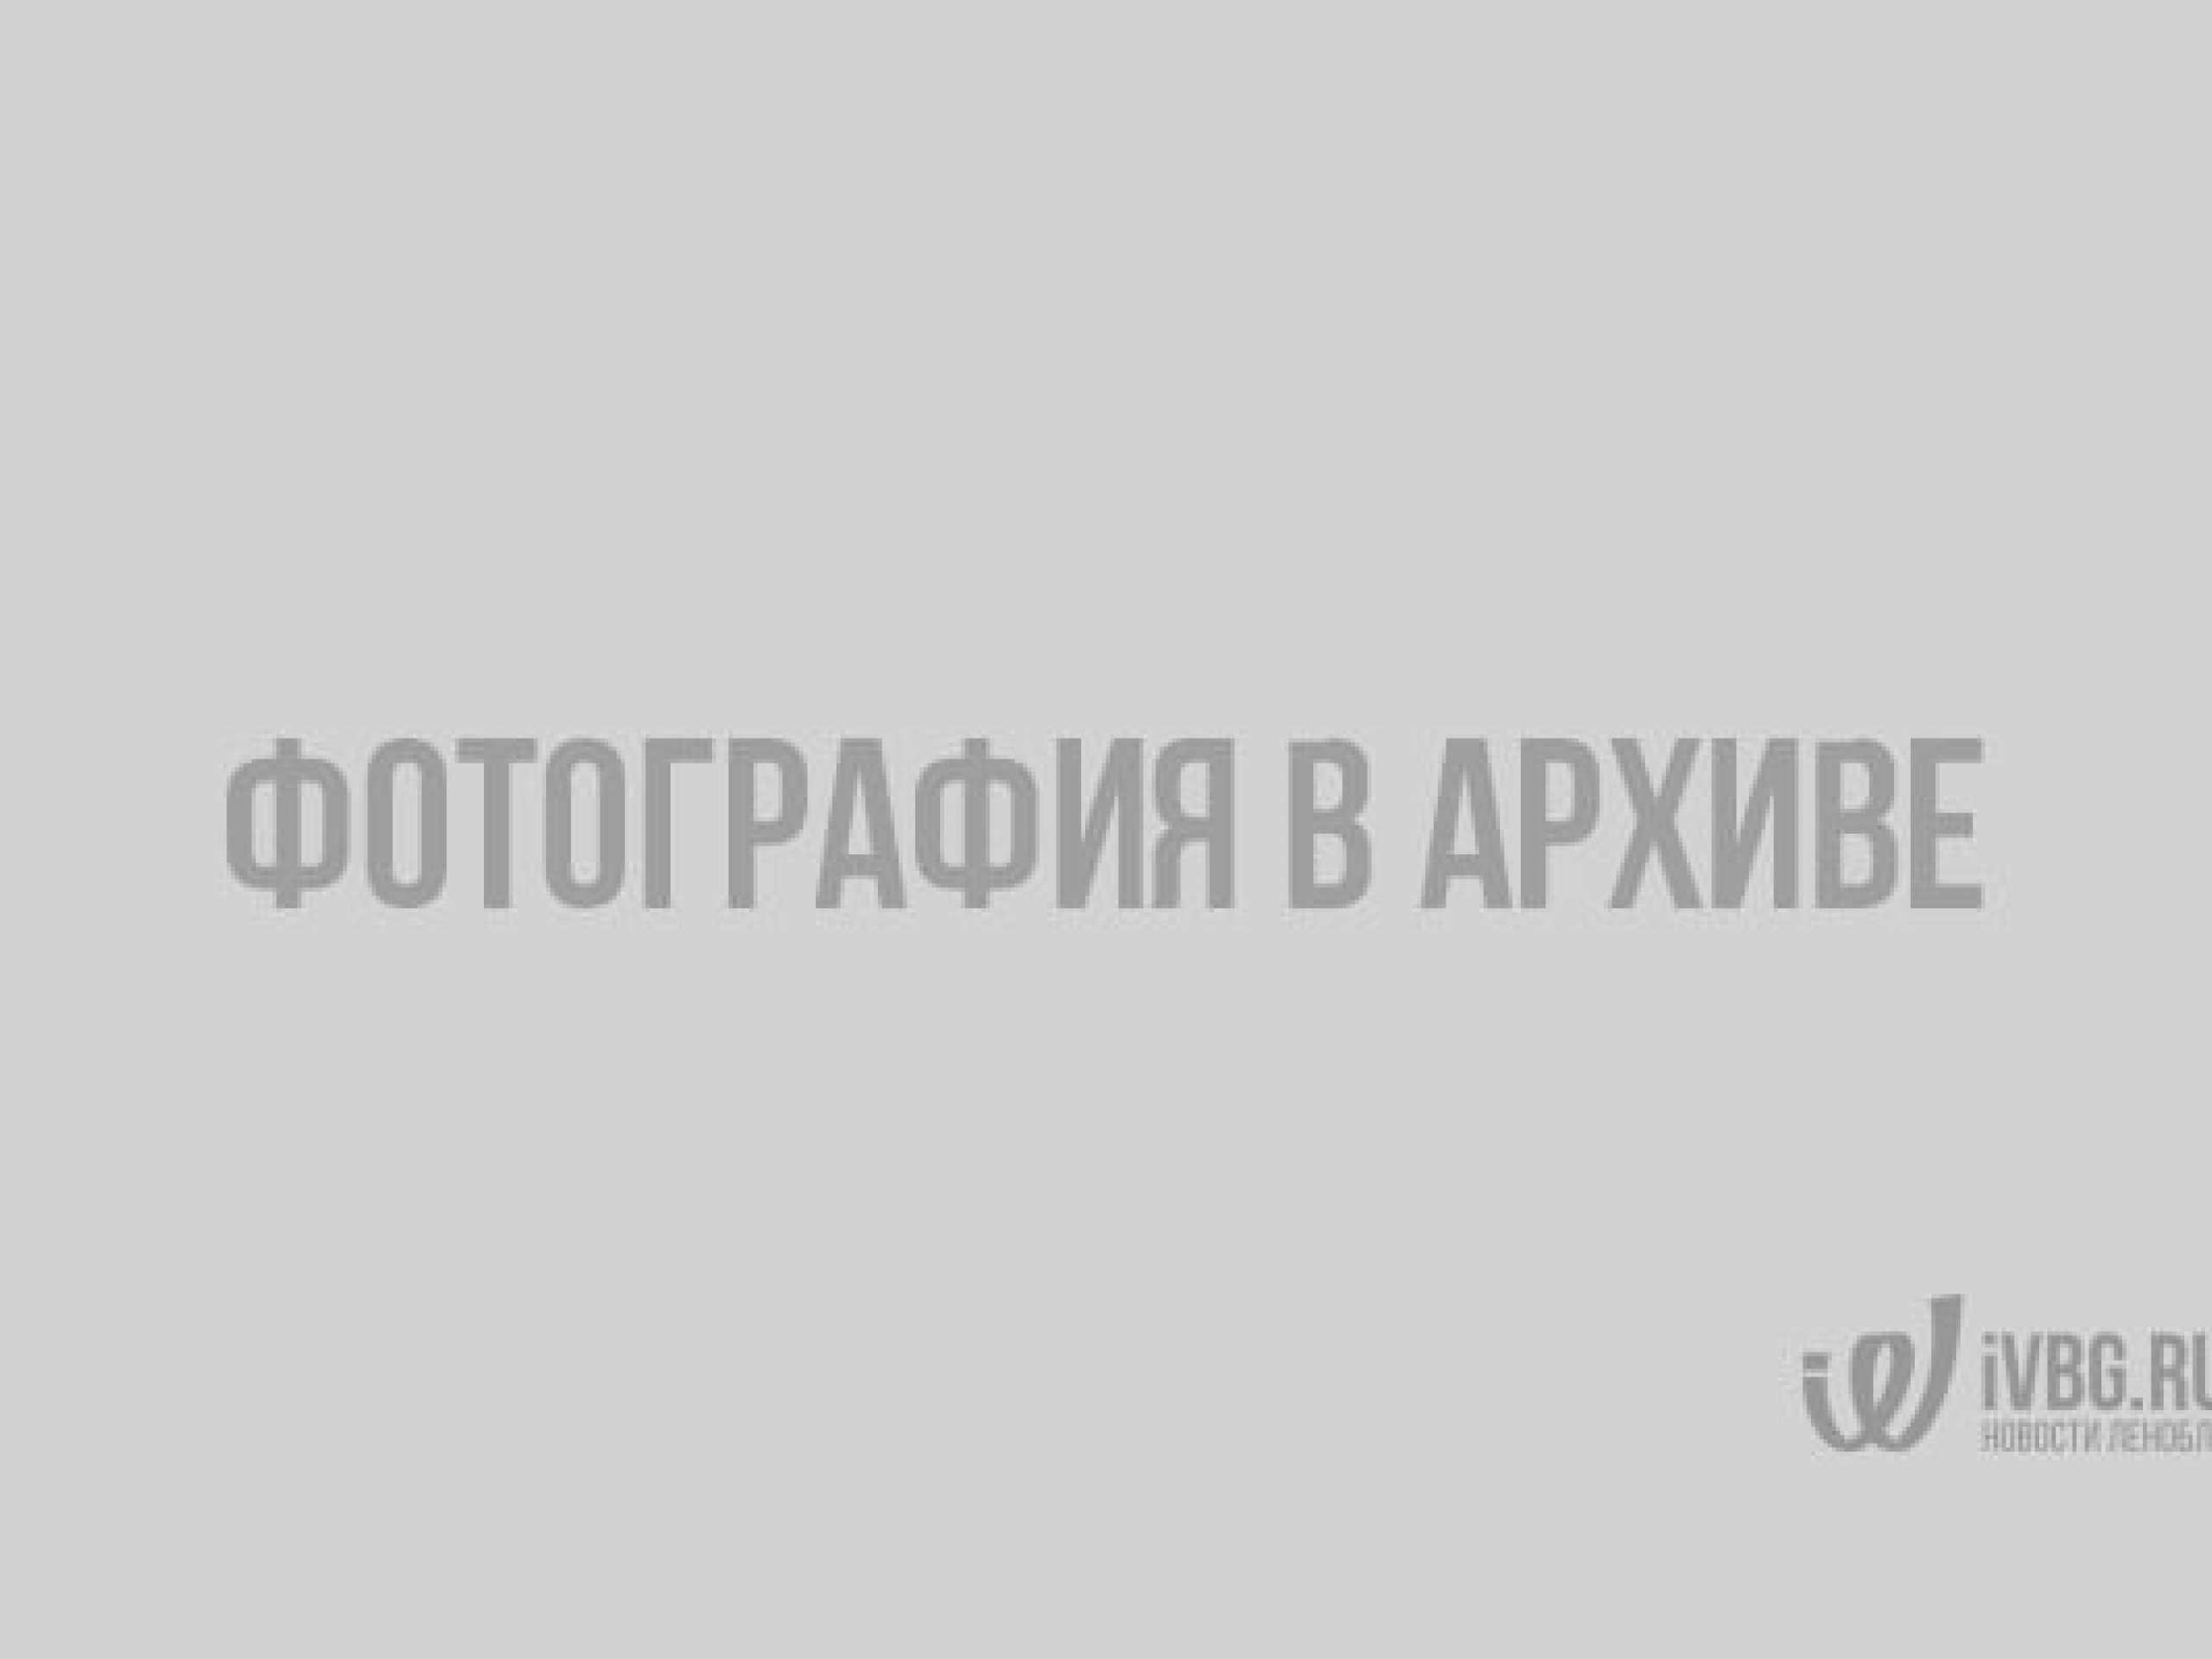 Бетон рождественно купить лак для бетона в екатеринбурге